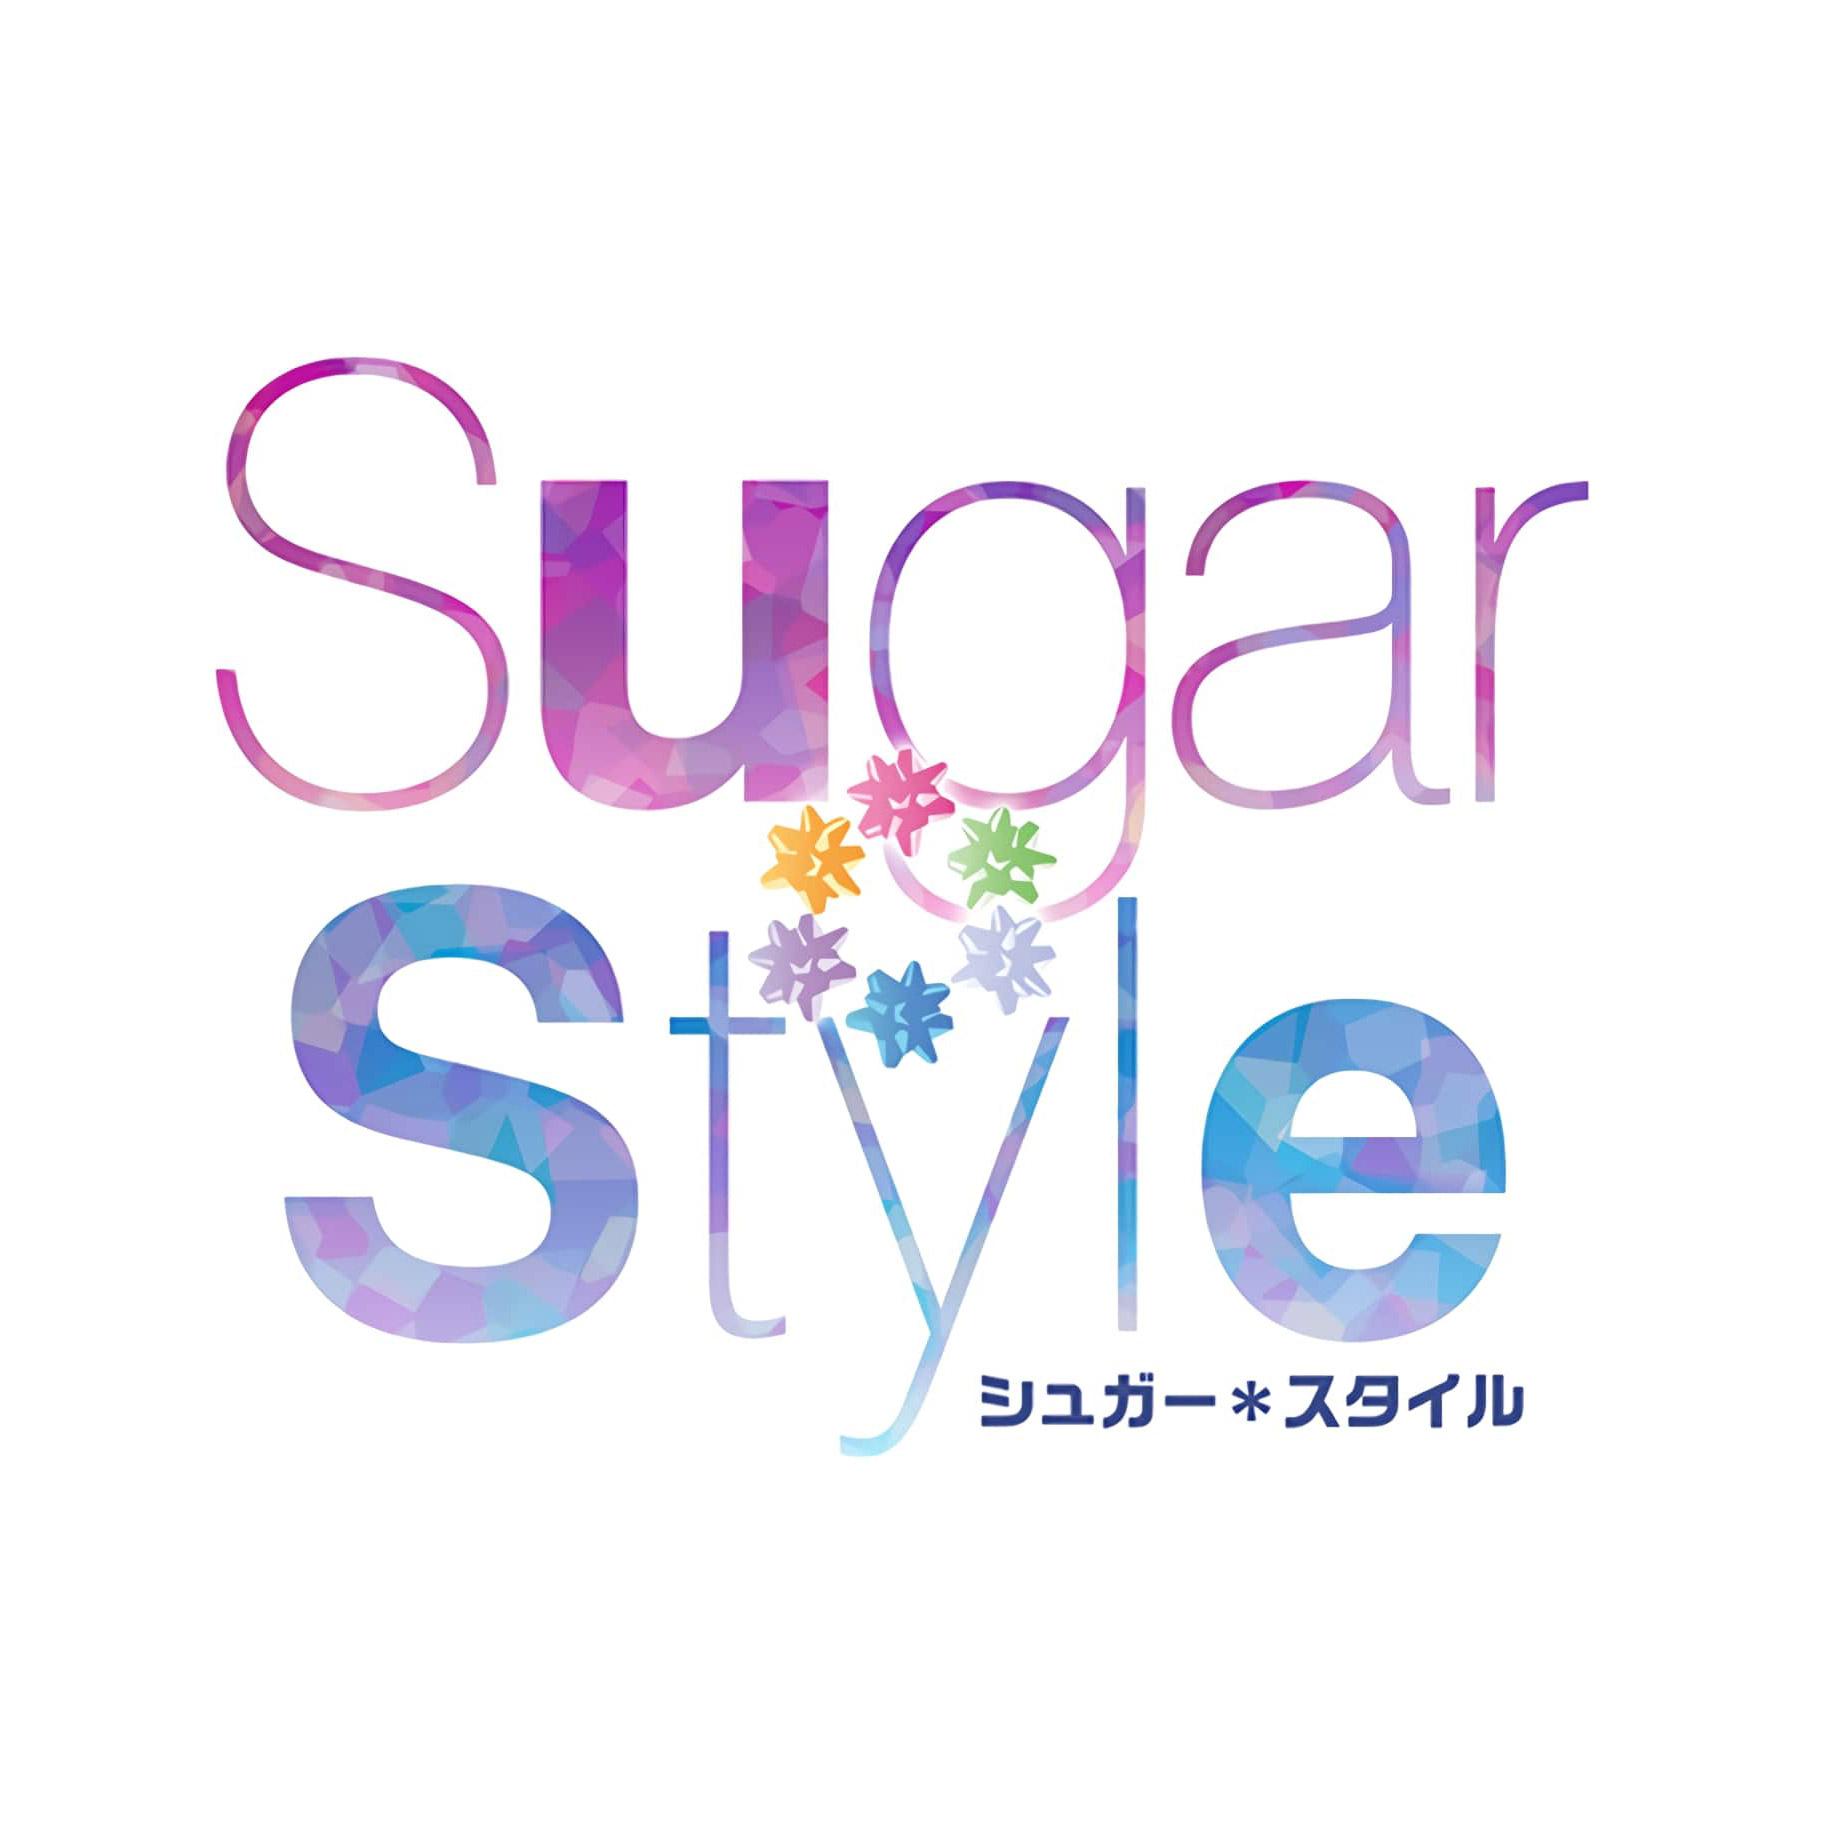 【特典対象】 Sugar*Style 完全生産限定版 【Switchゲームソフト】 ◆ソフマップ特典「描き下ろしB2タペストリー」_1